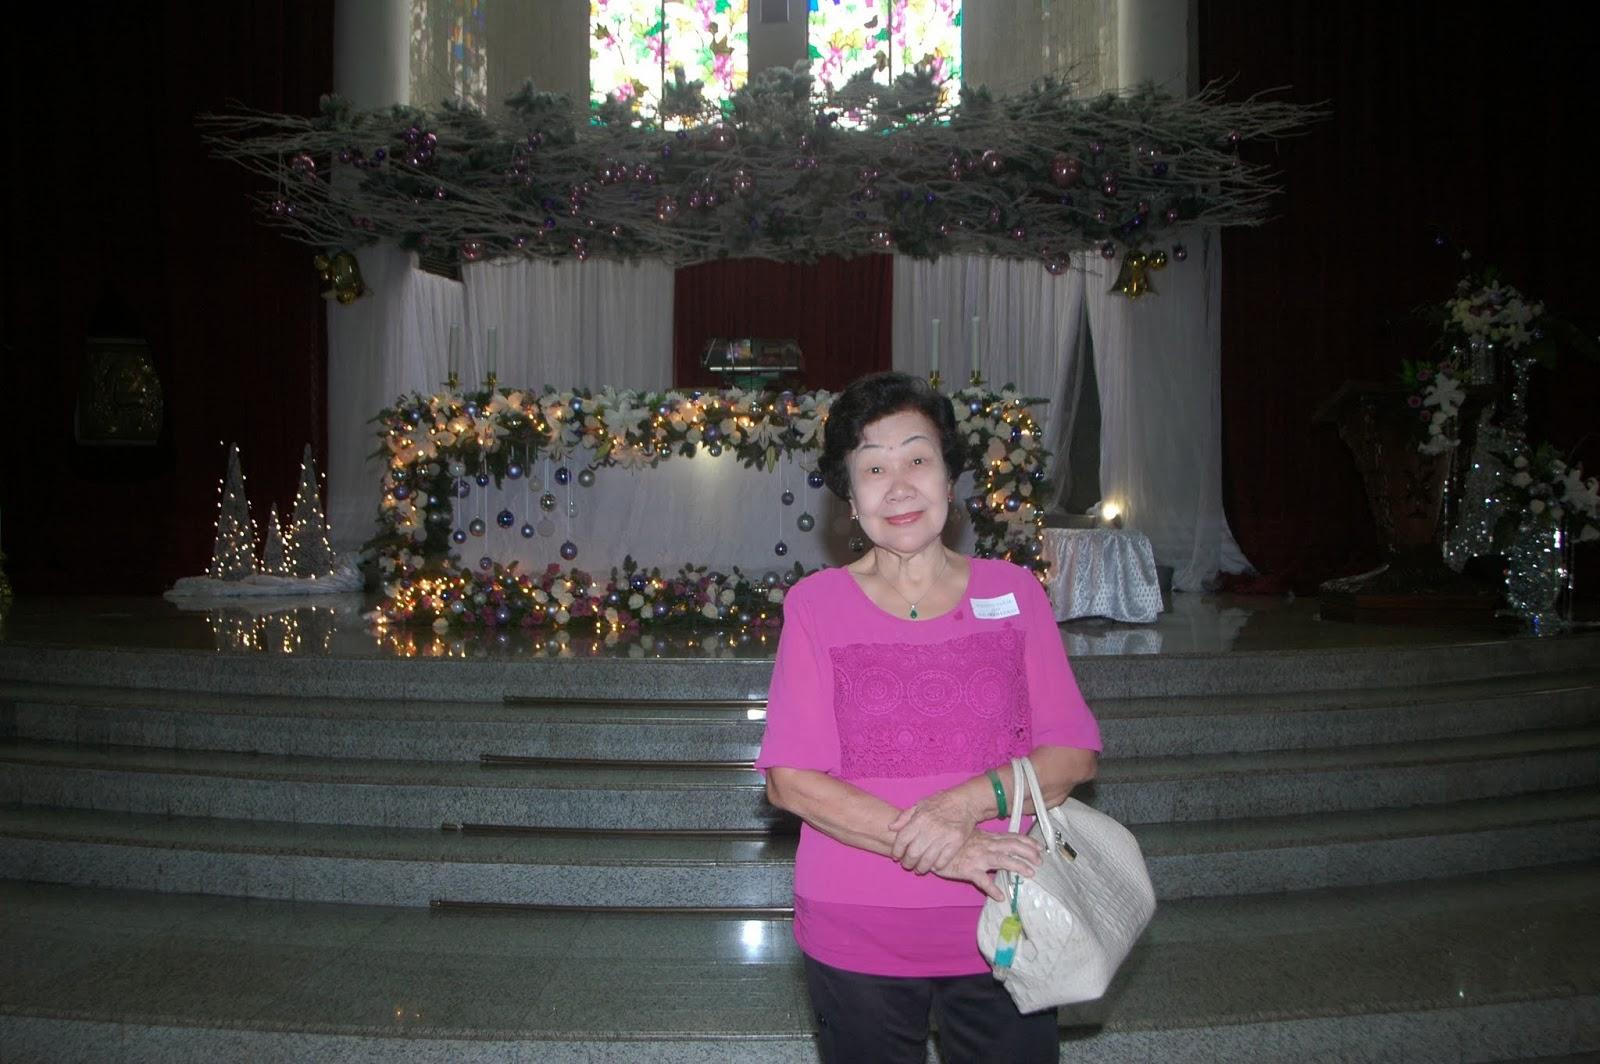 Perayaan Natal MKK - 25 Desember 2013 - Misa Lansia